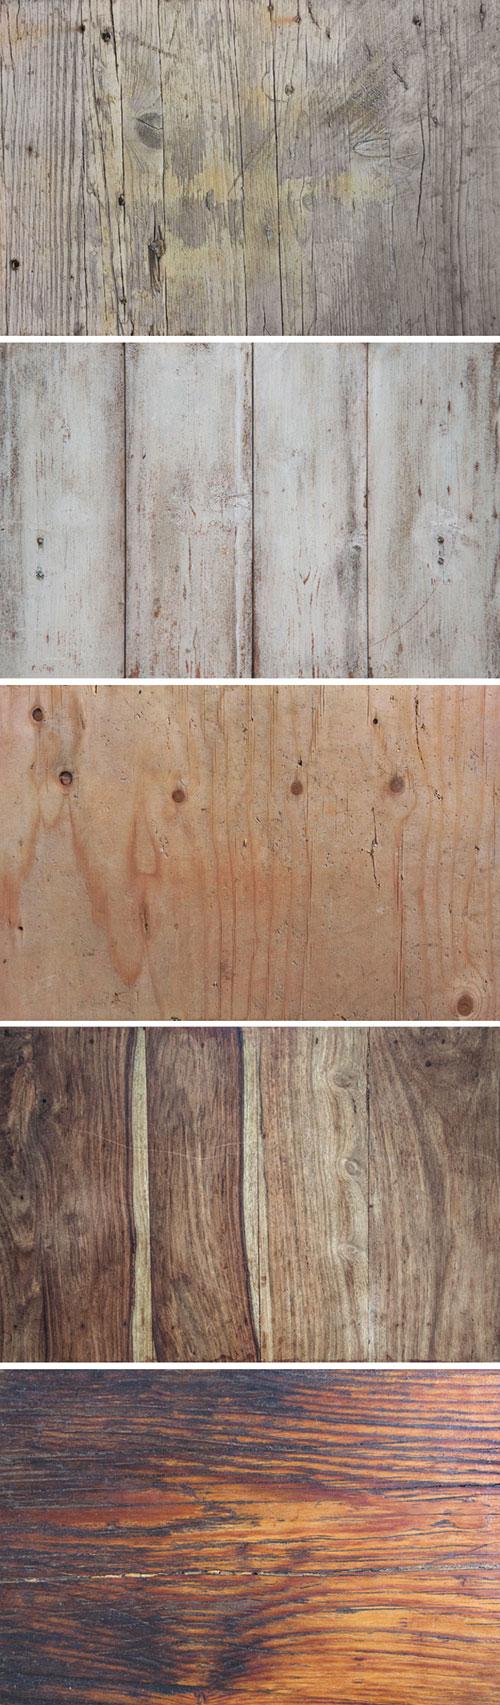 wood1015_2